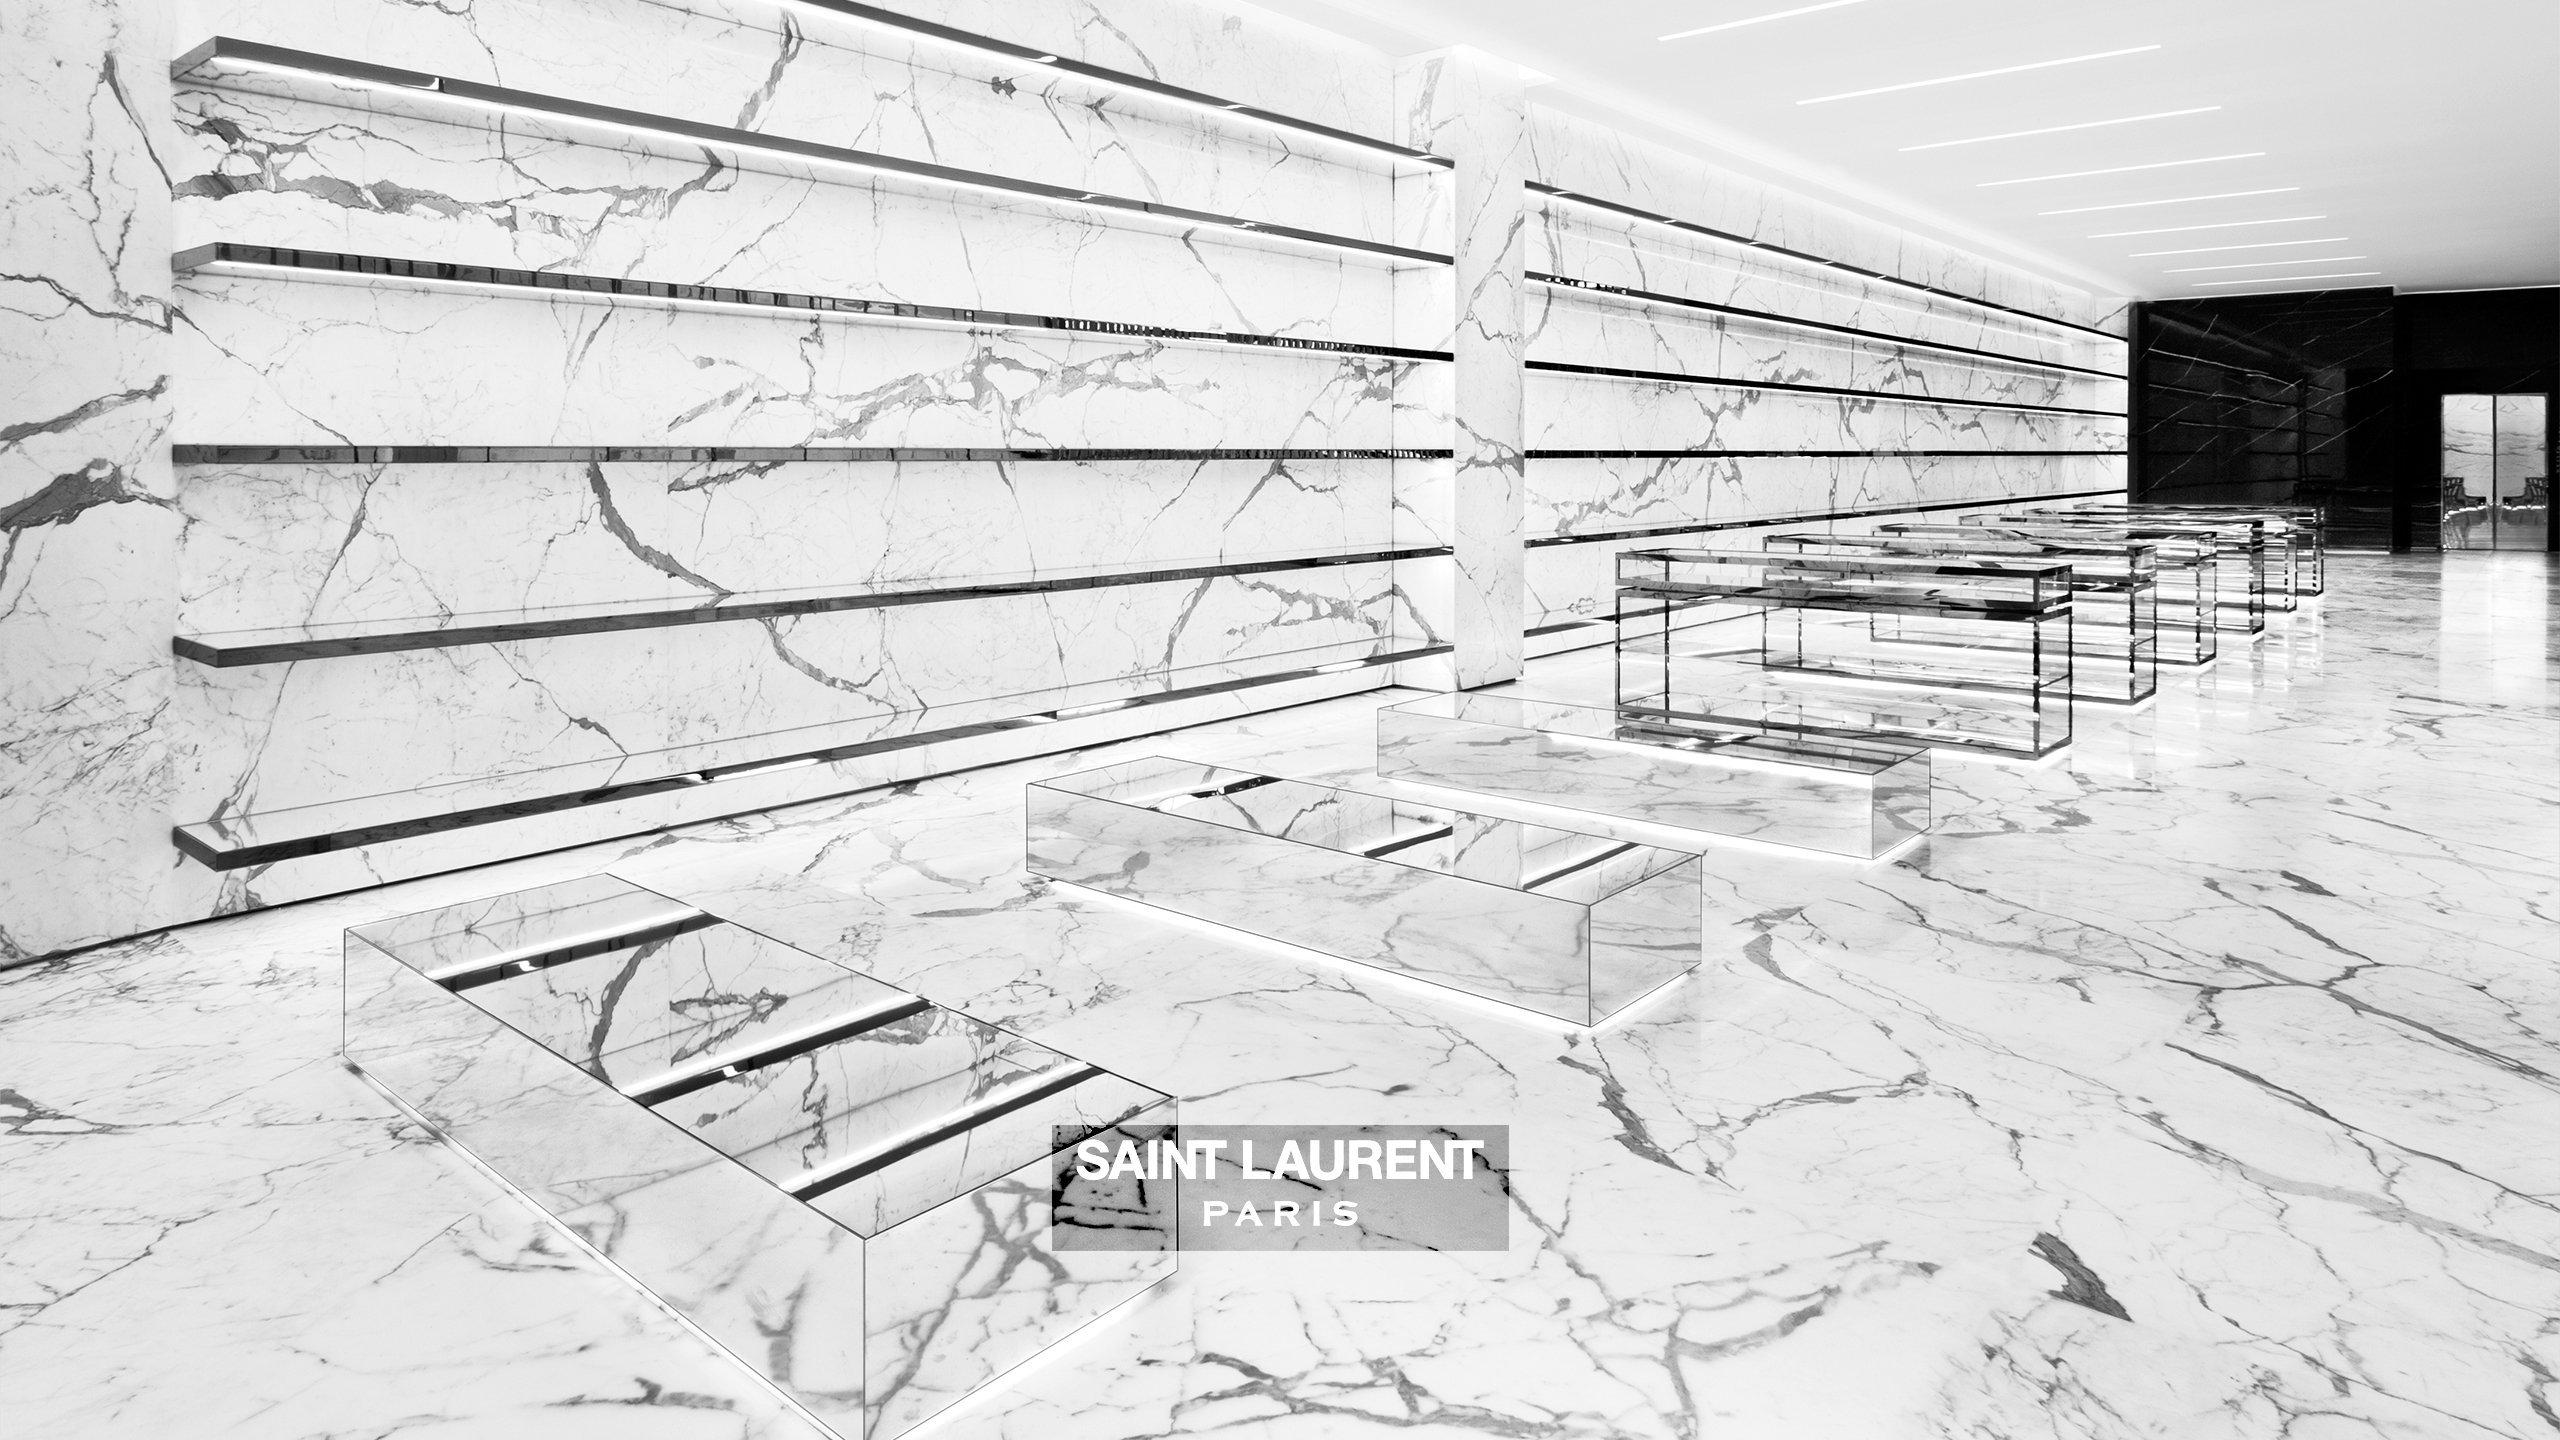 Saint Laurent Paris Wallpaper